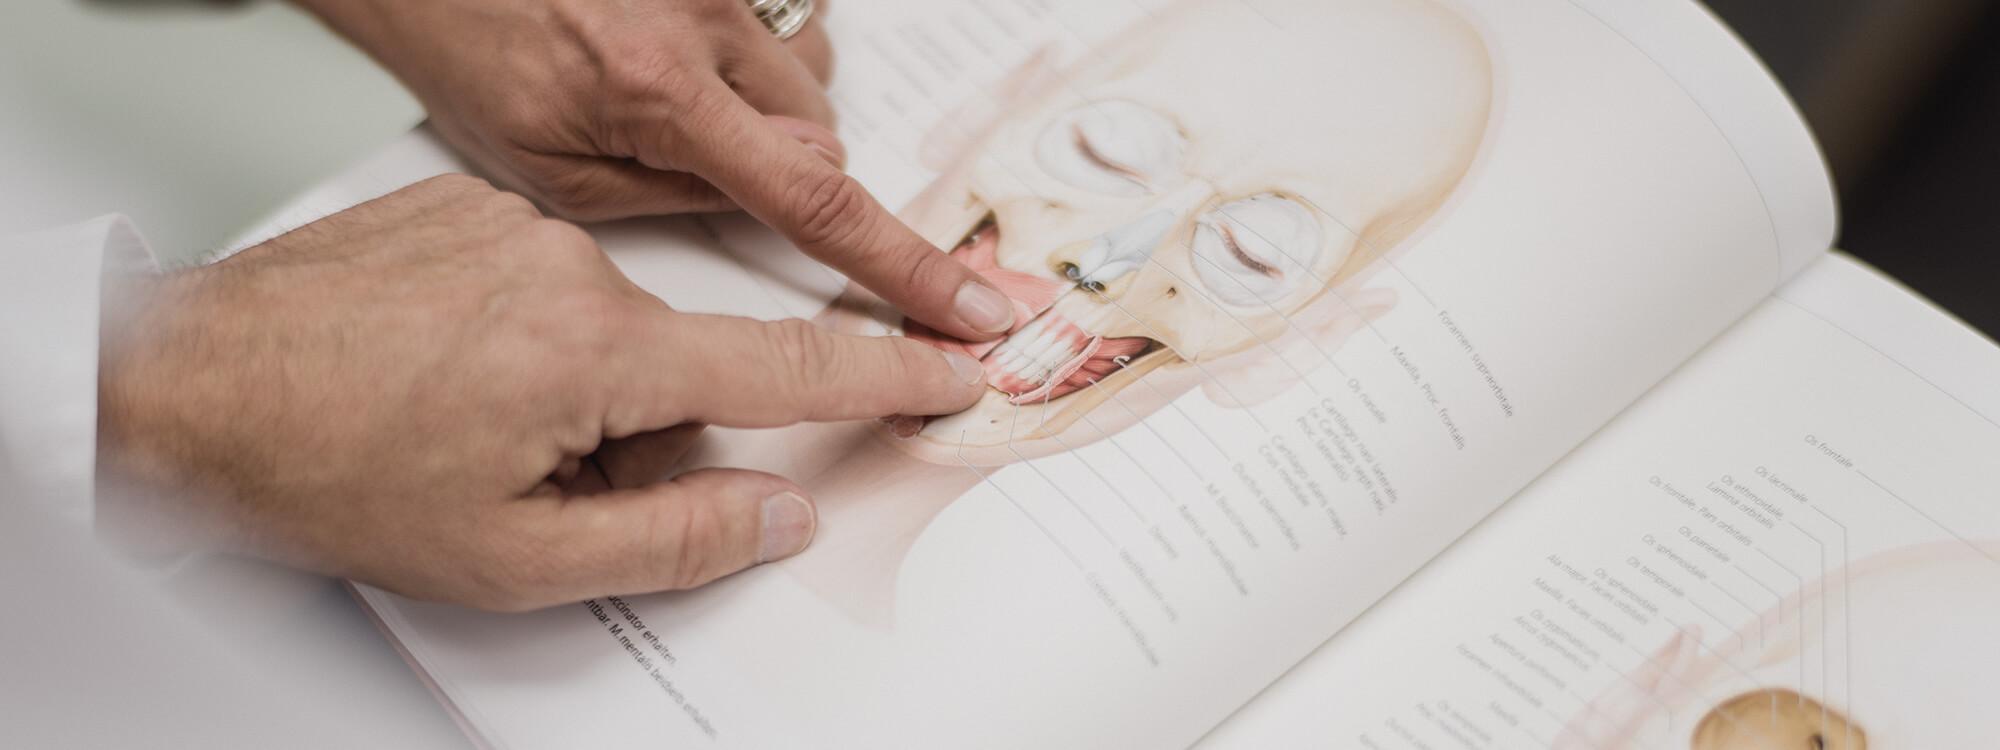 Chirurgie - Praxisklinik für Chirurgie und Implantate Pforzheim